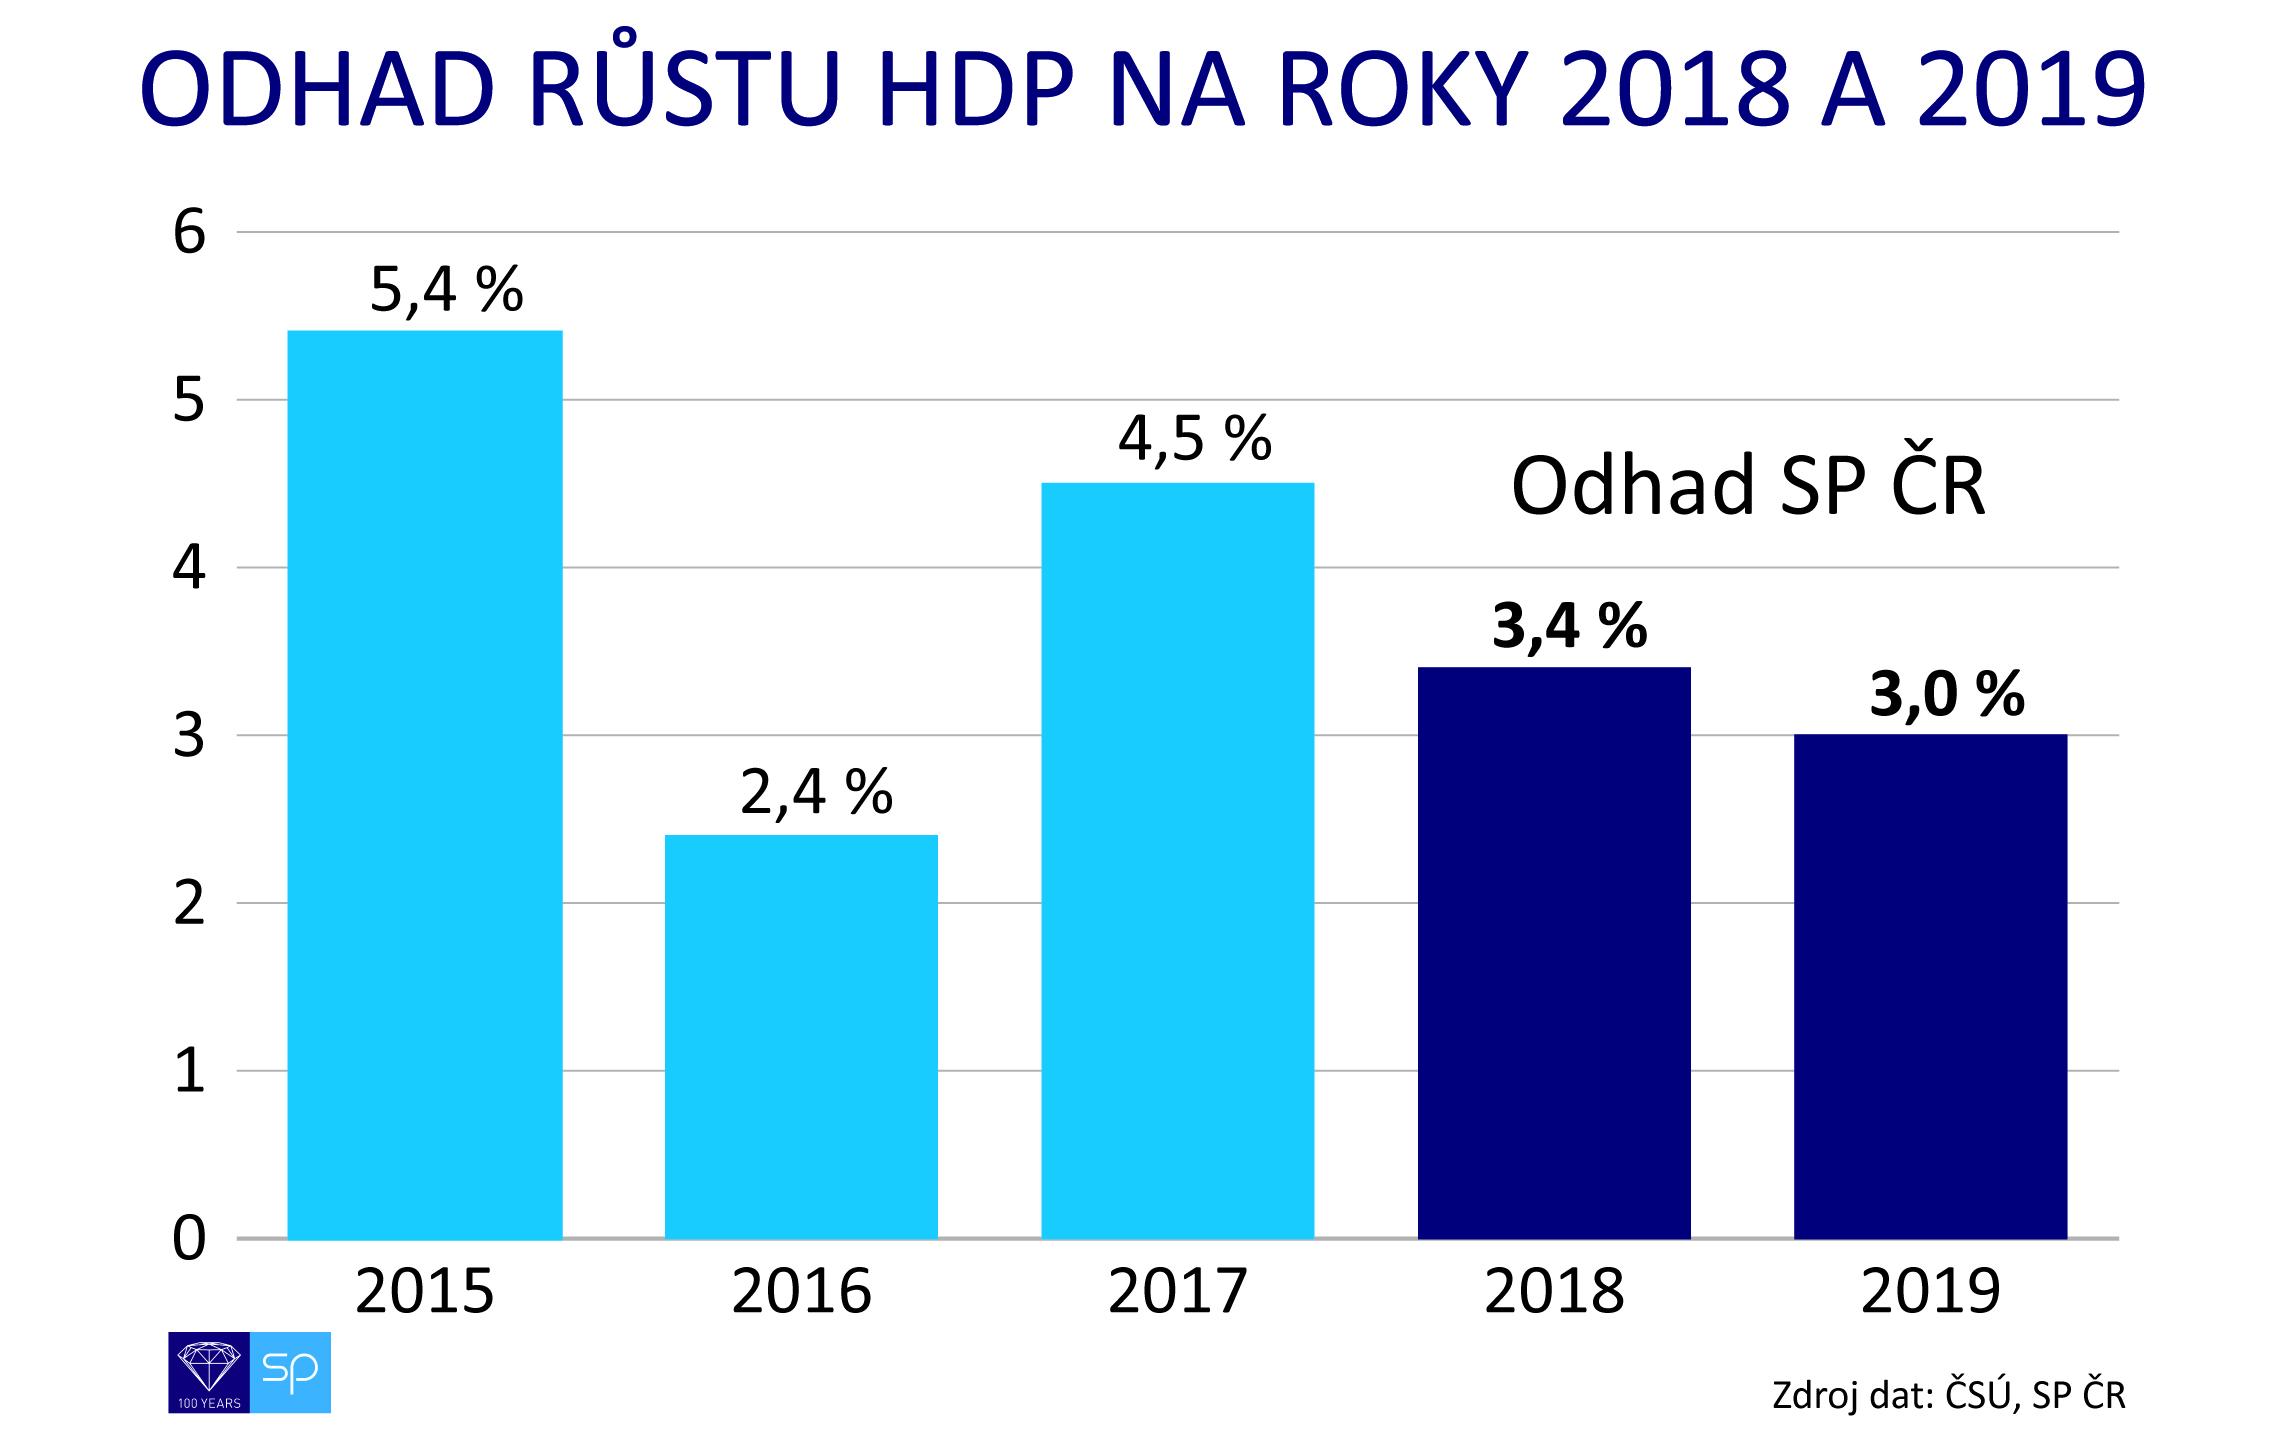 odhad hdp 2018-2019